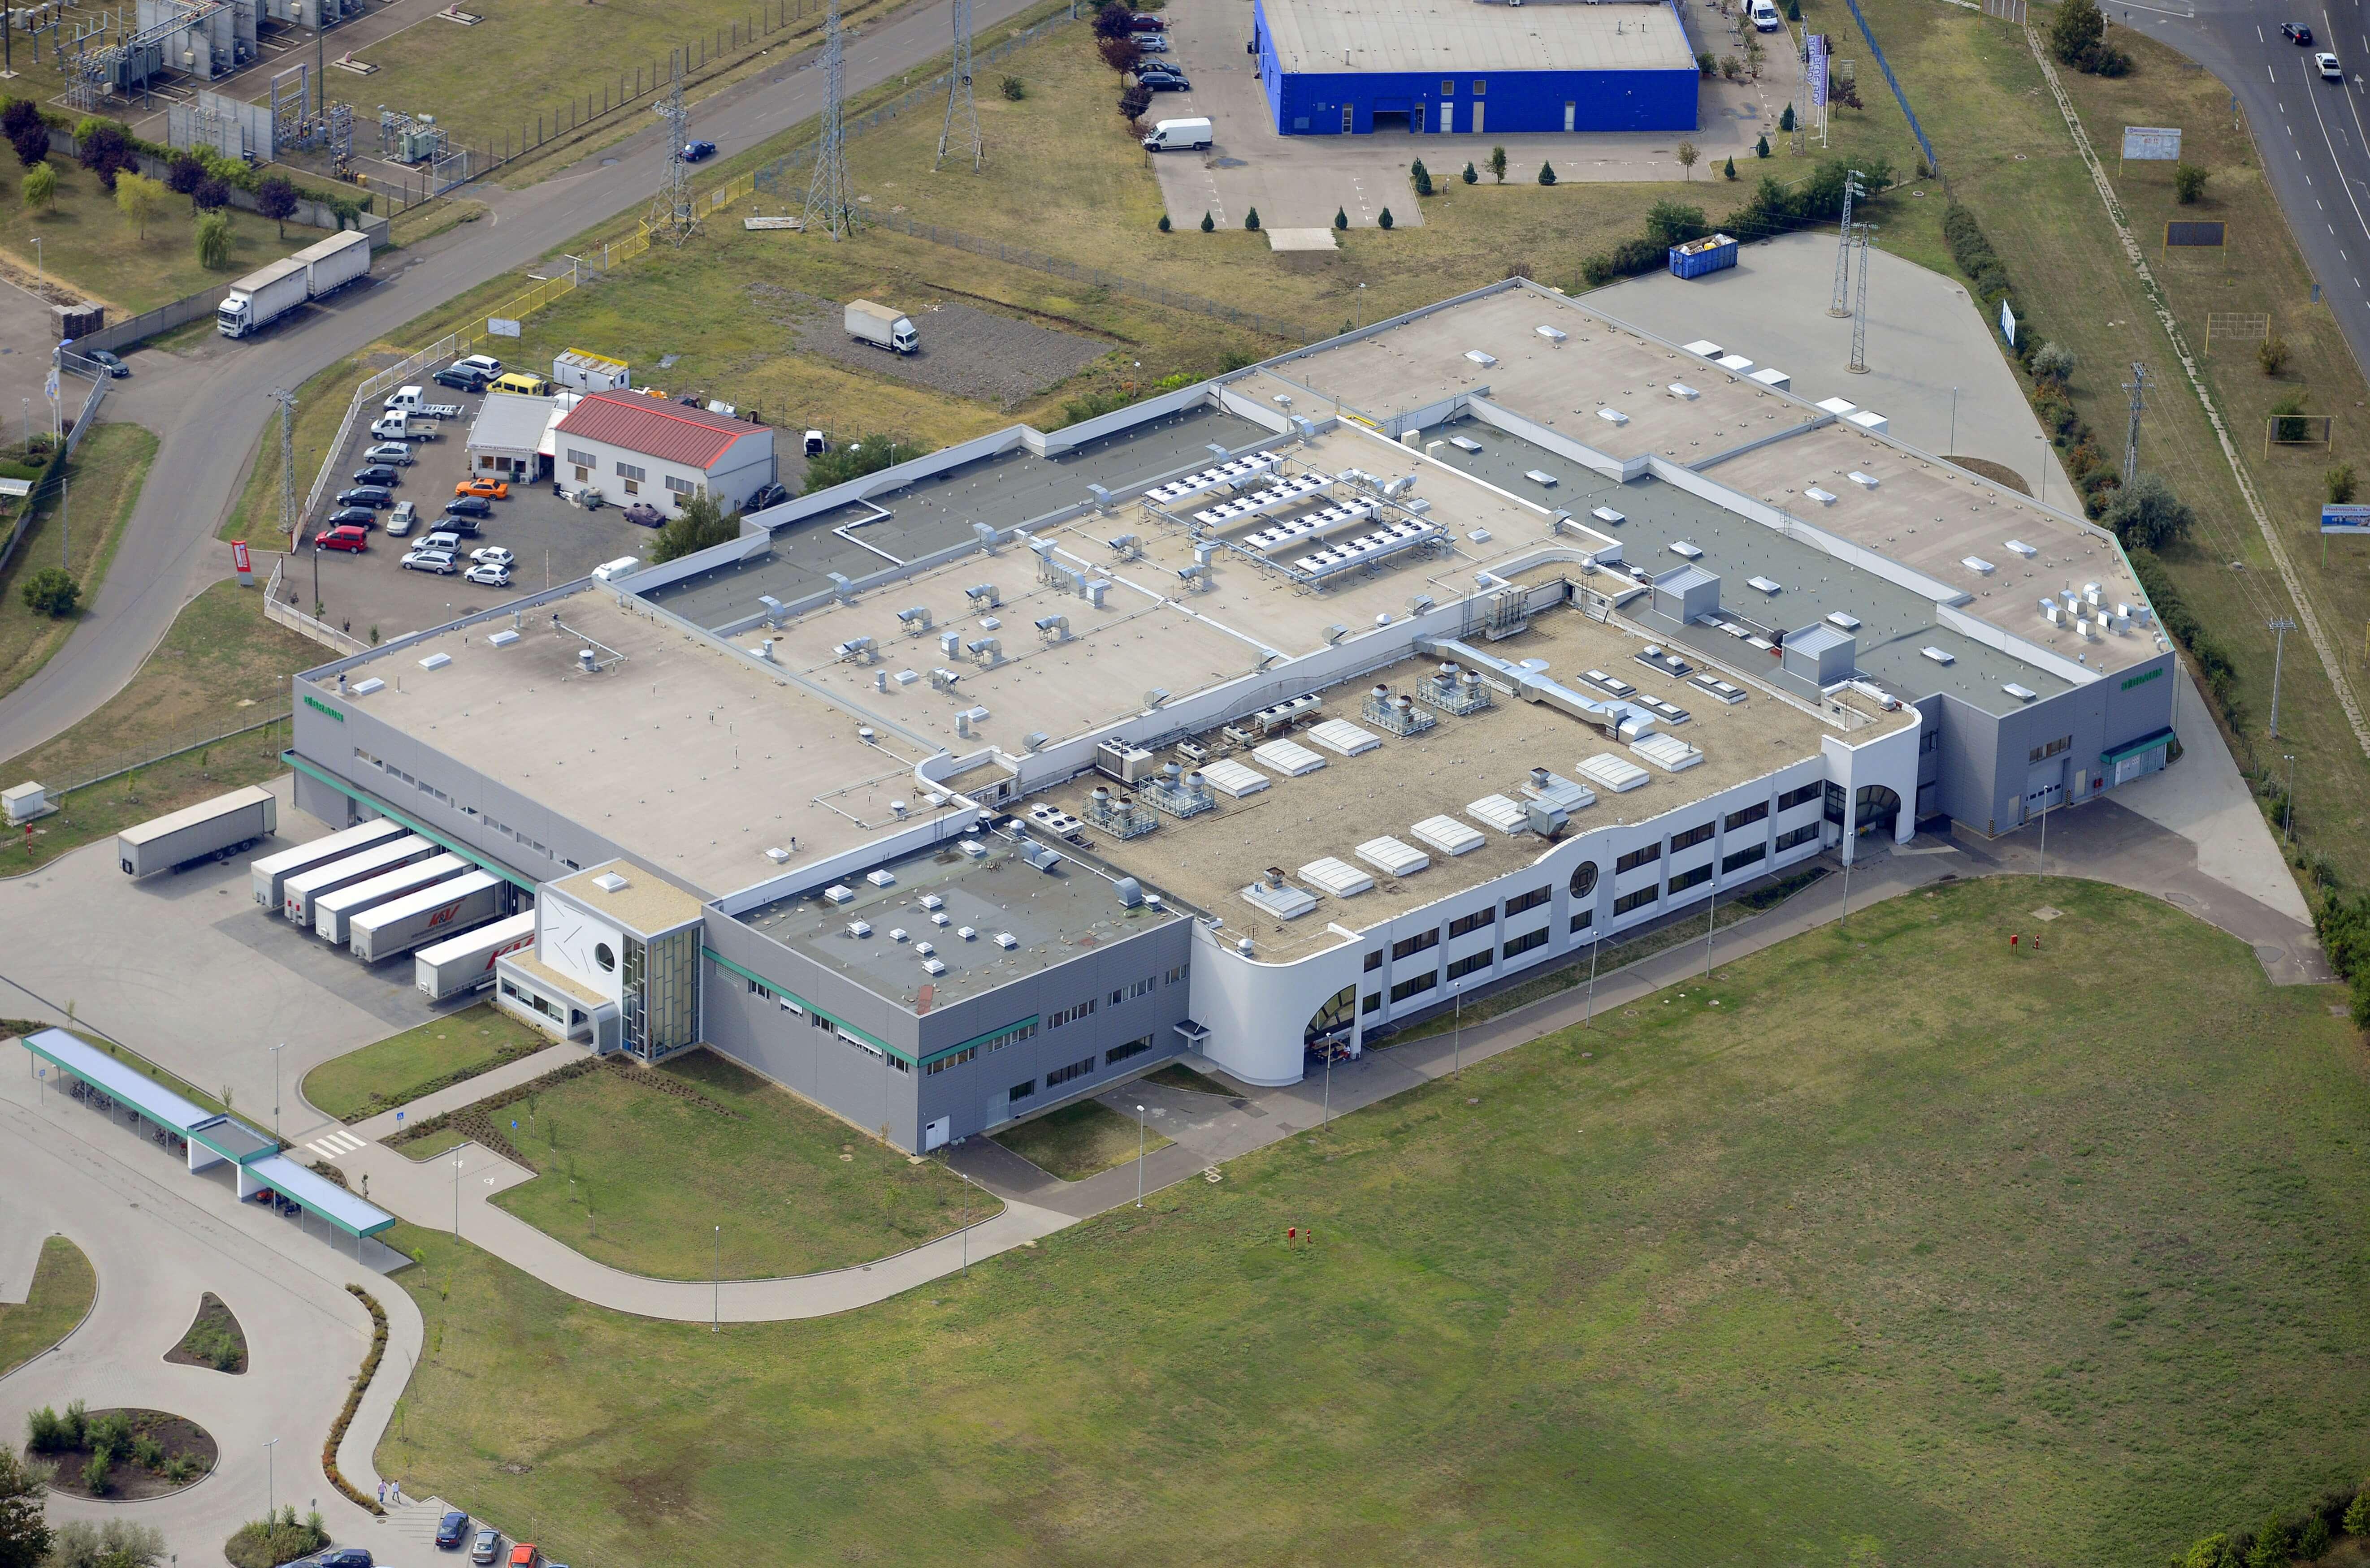 Új orvostechnológiai gyártási központ épül Gyöngyösön